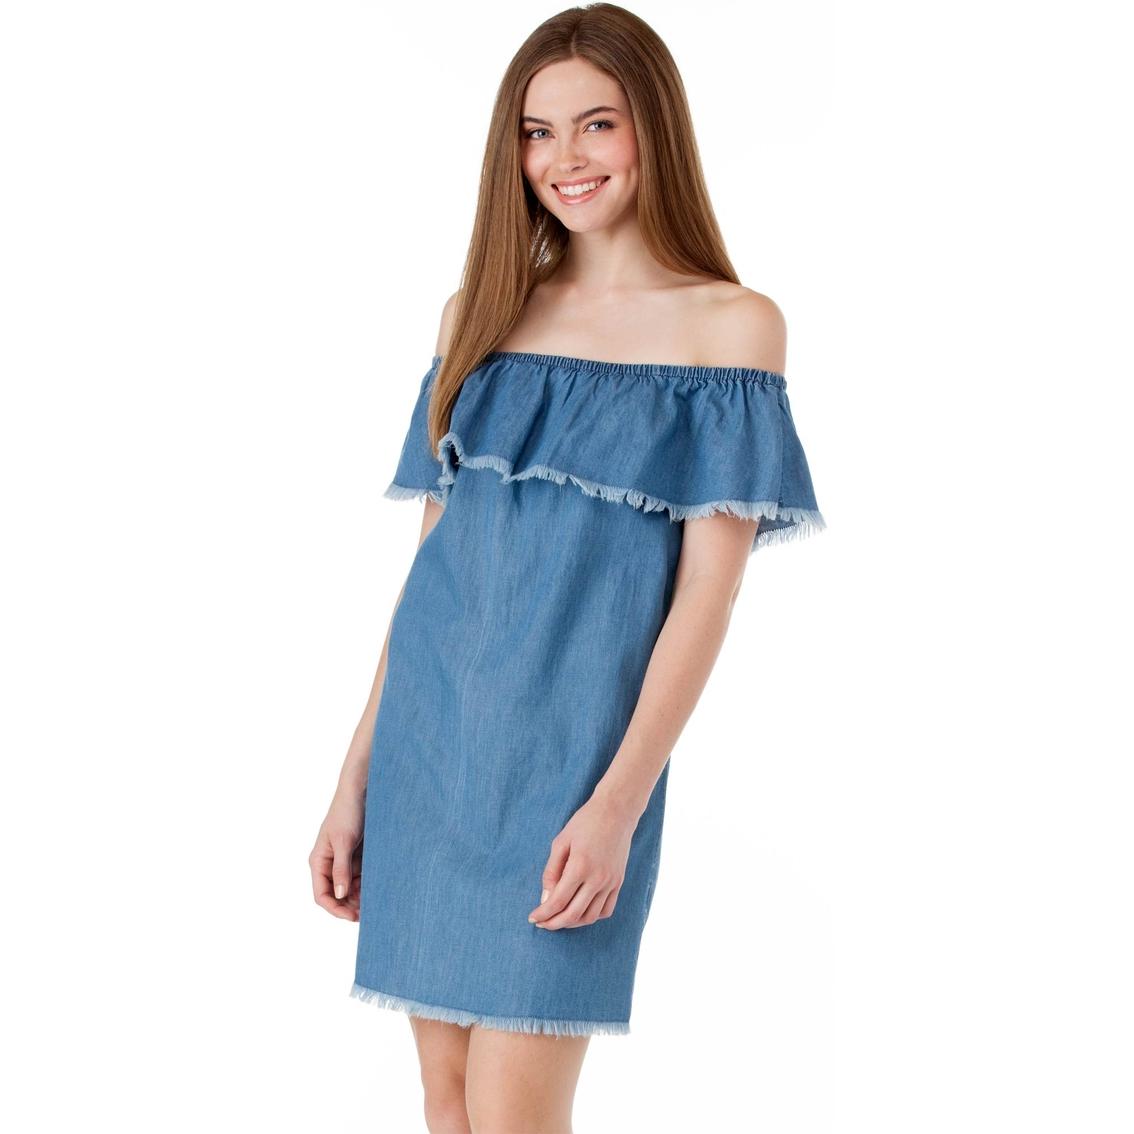 85b7991ca Derek Heart Juniors Off Shoulder Dress With Ruffle   Dresses ...